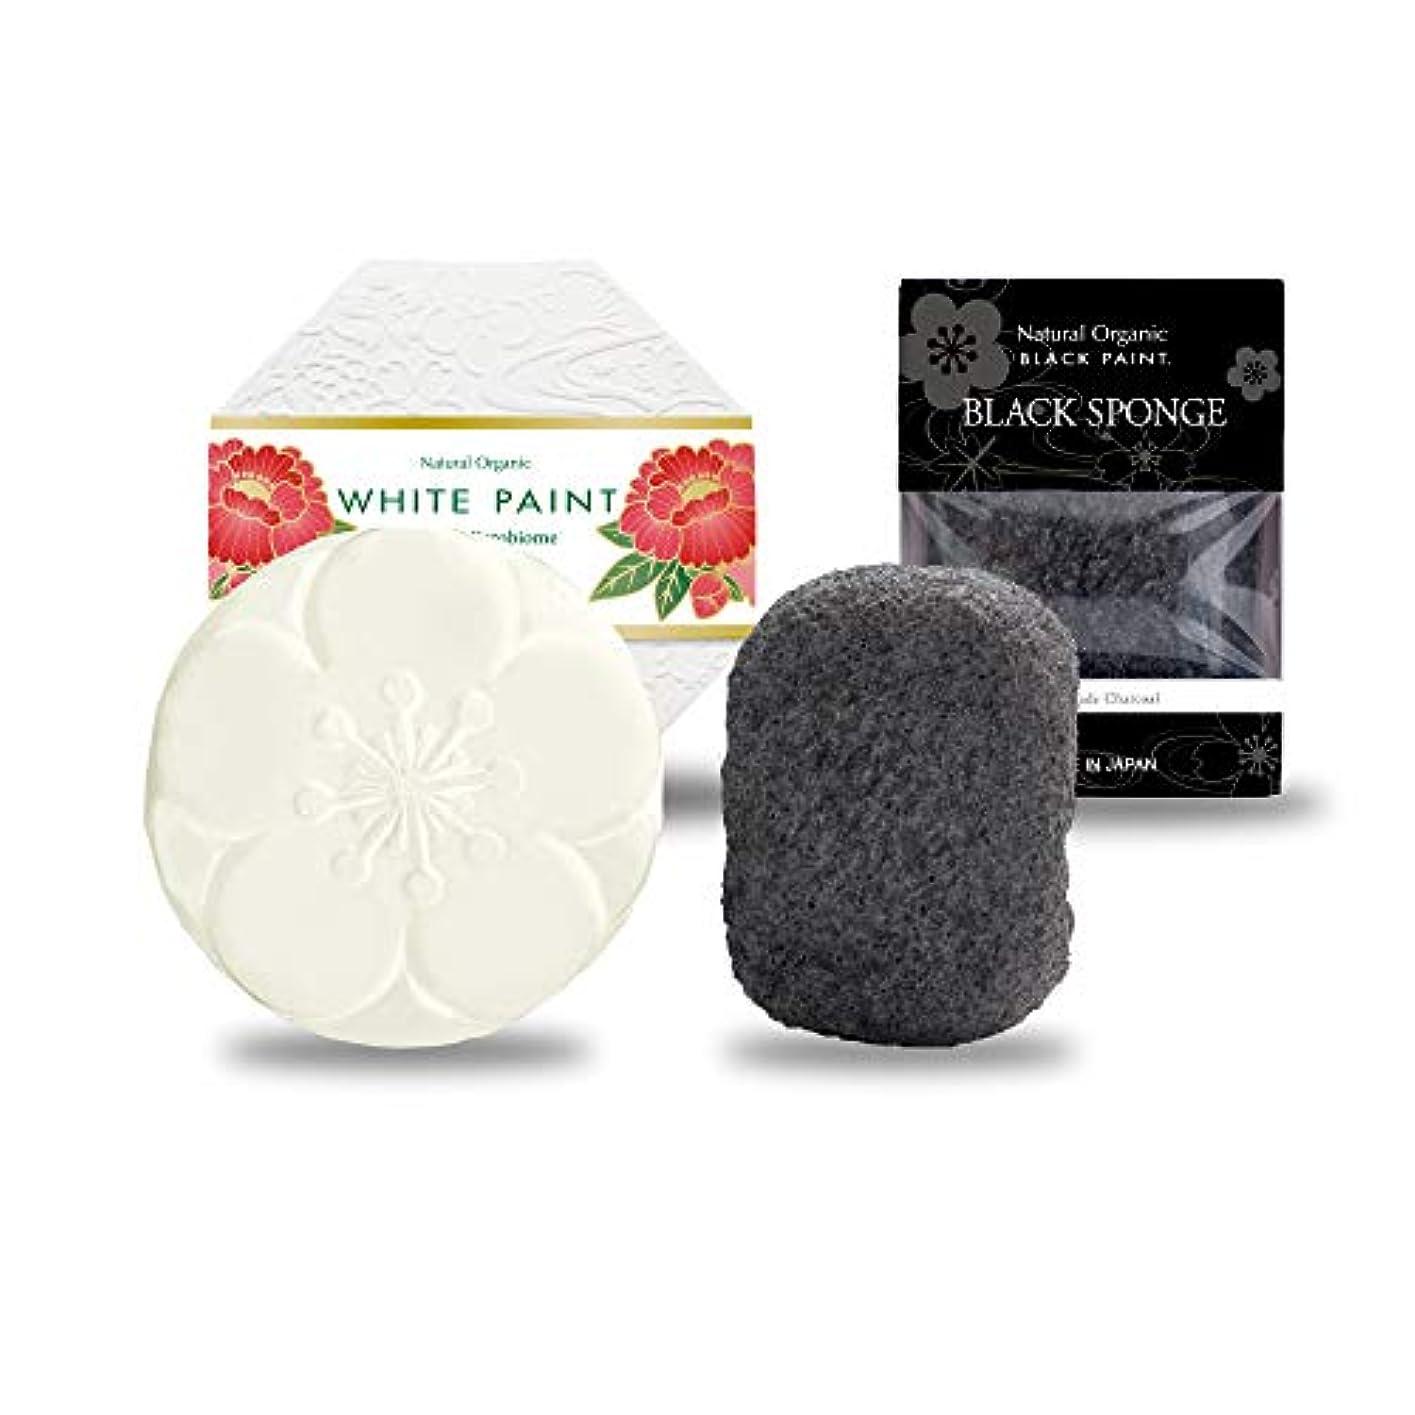 ターゲット祝福する最大プレミアムホワイトペイント120g&ブラックスポンジ 洗顔セット